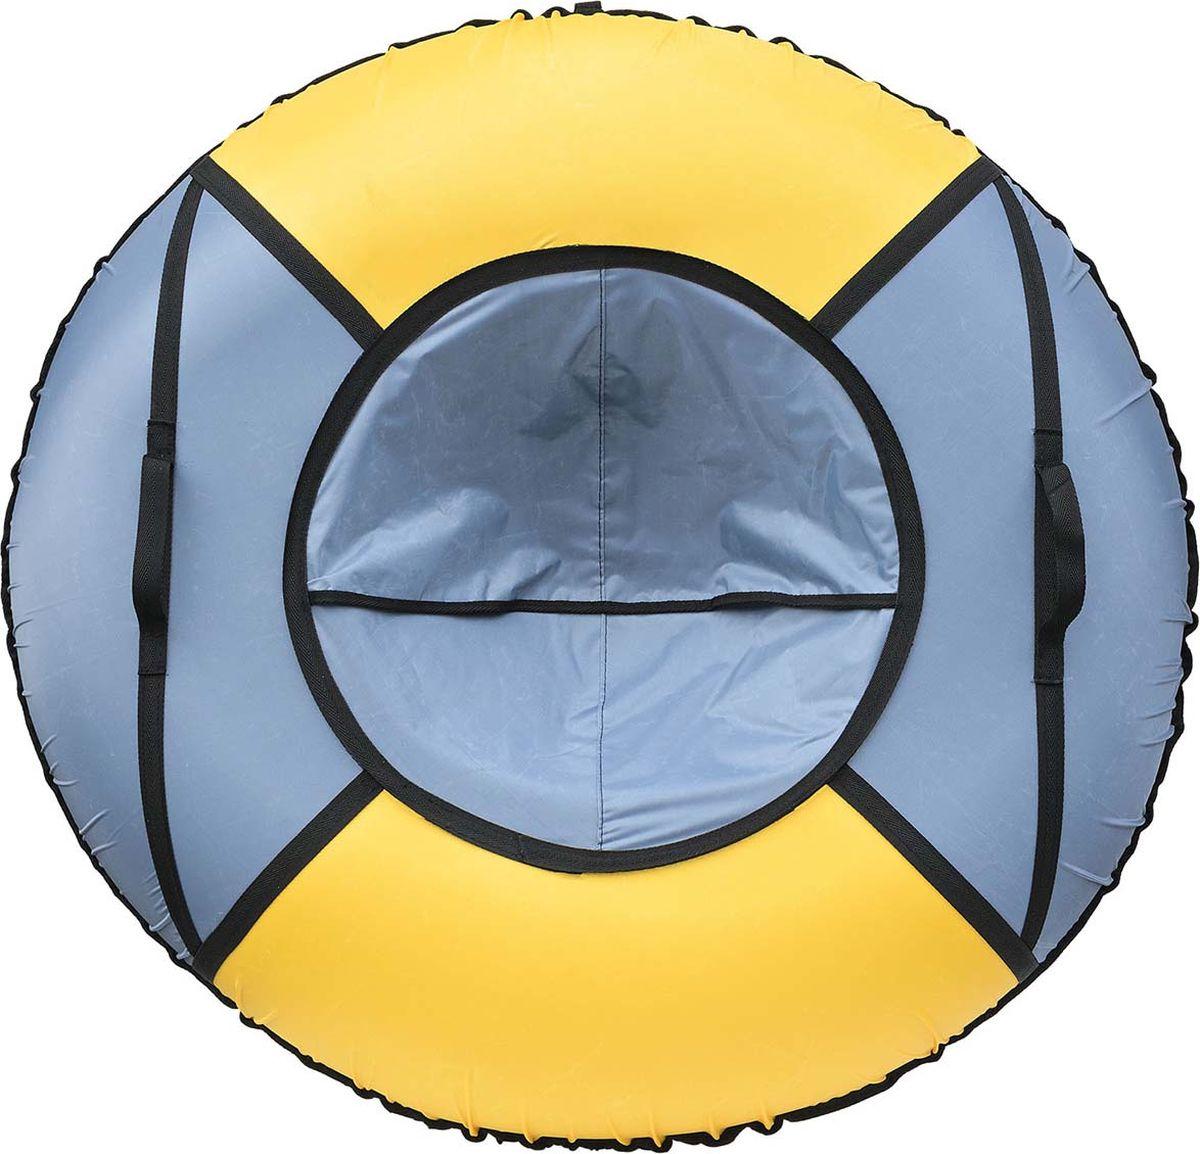 Тюбинг Эх, Прокачу! Эконом-4, цвет: серый, желтый, 70 смСЭ70-4-3Качественные бюджетные санки-ватрушки для катания по снегу из 4 секций * размеры указаны в надутом состоянии * дно изготовлено из ткани ПВХ 630г/м2 * верх изготовлен из ткани Oxford 420гр/м2 * камера российского производства * буксировочный ремень * морозоустойчивость -45 * допускается деформация формы санок из-за неравномерности надутия камеры